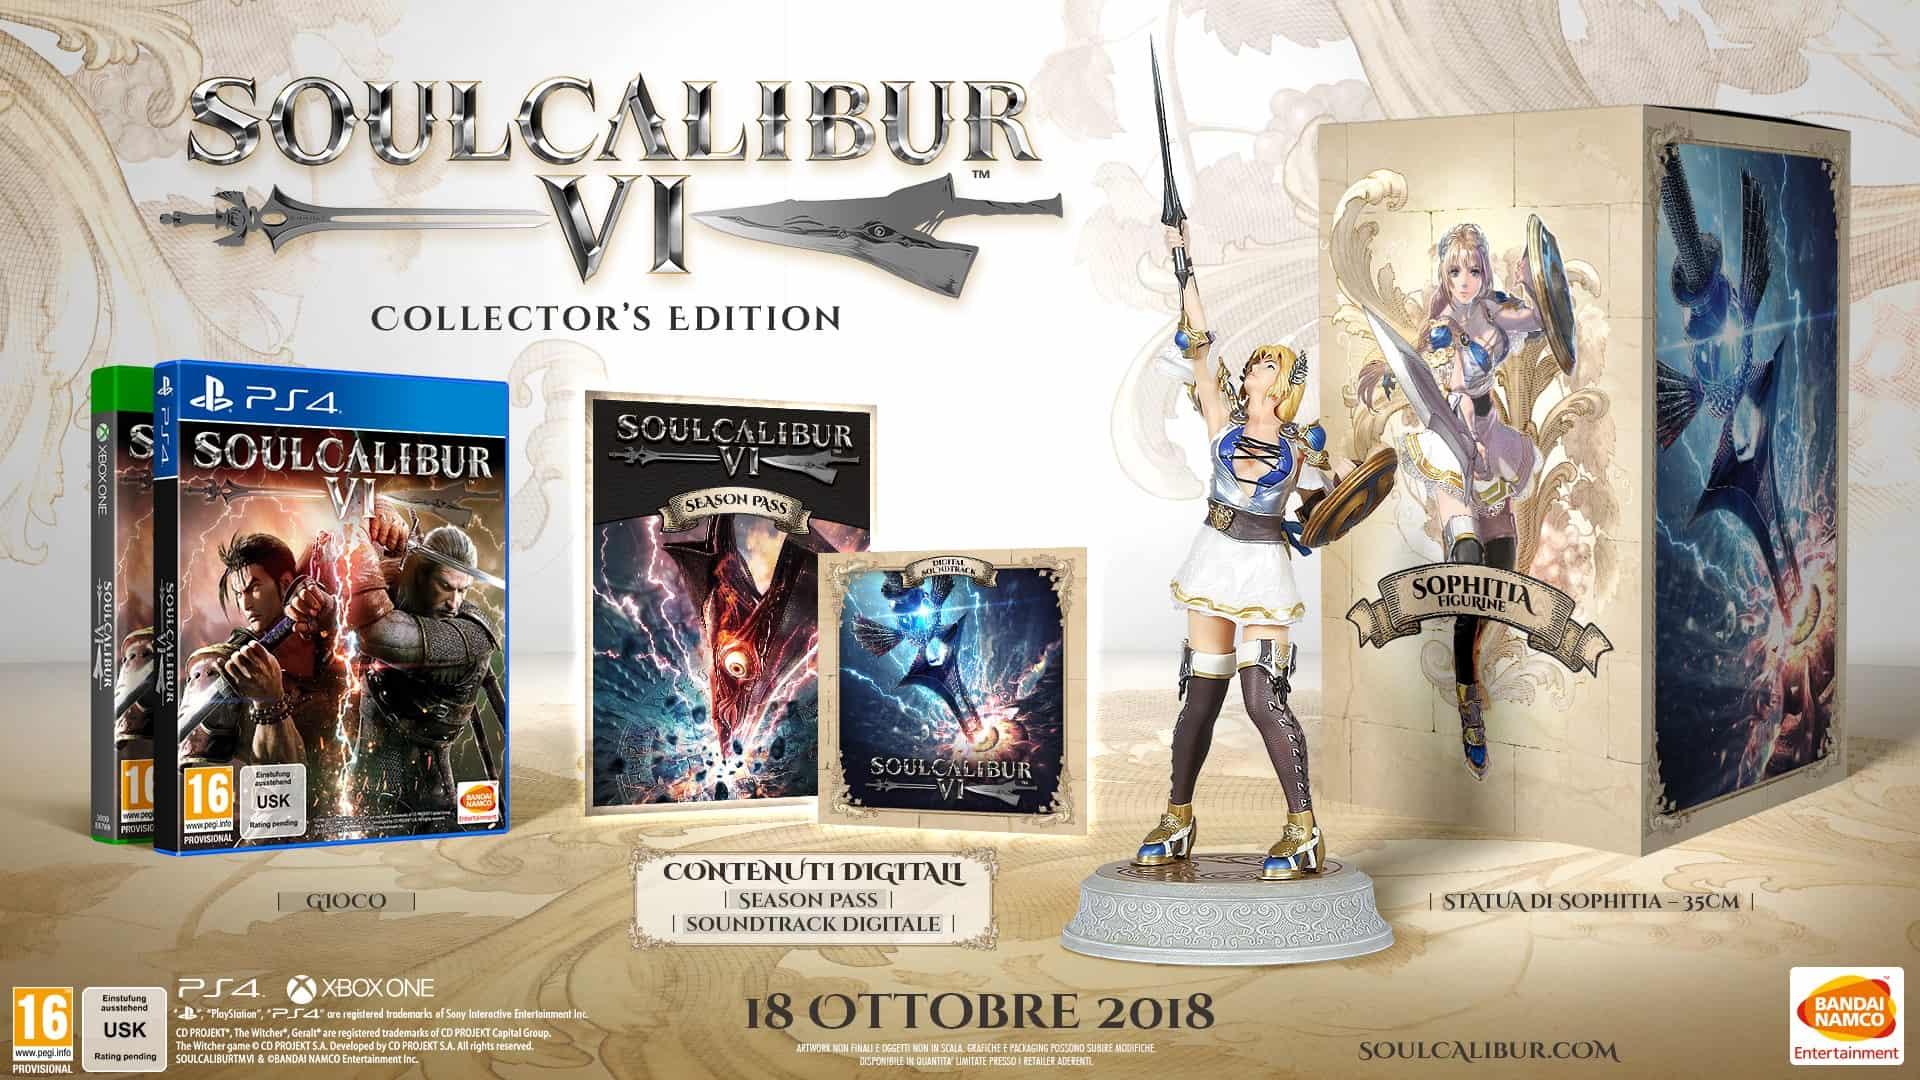 soulcalibur vi collectors - SOULCALIBUR VI: DATA DI USCITA E PRIMO GAMEPLAY 4K PC